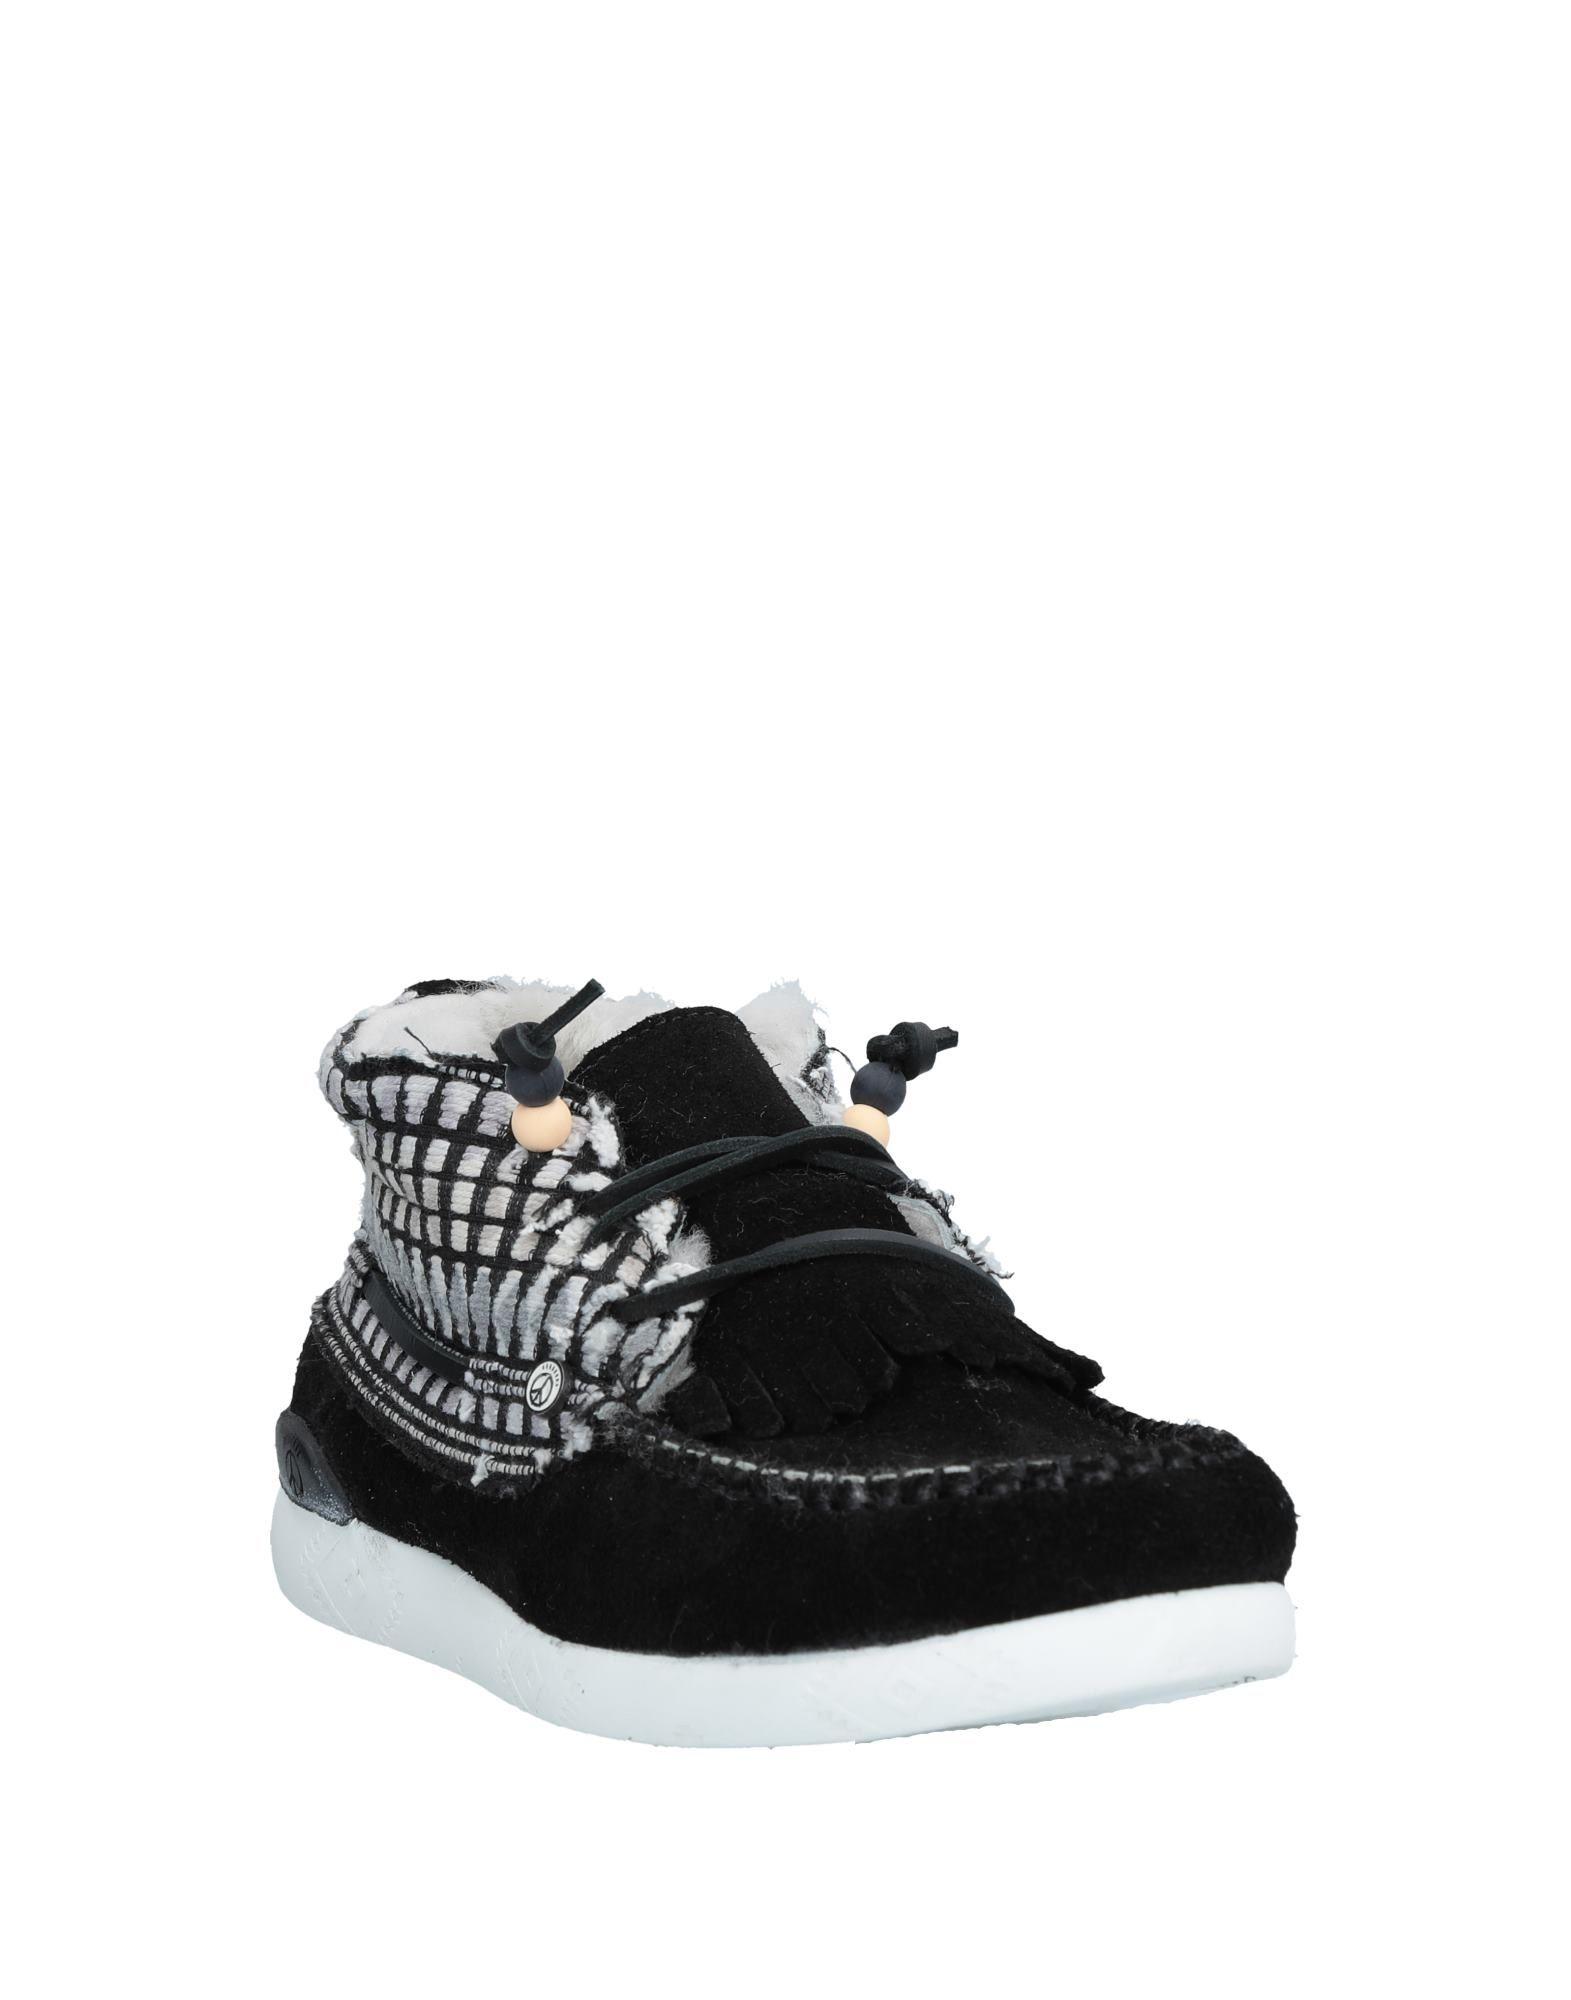 404e9bc21 ... Dolfie Ankle Boot - Women Women Women Dolfie Ankle Boots online on  United Kingdom - 11527939OS ...